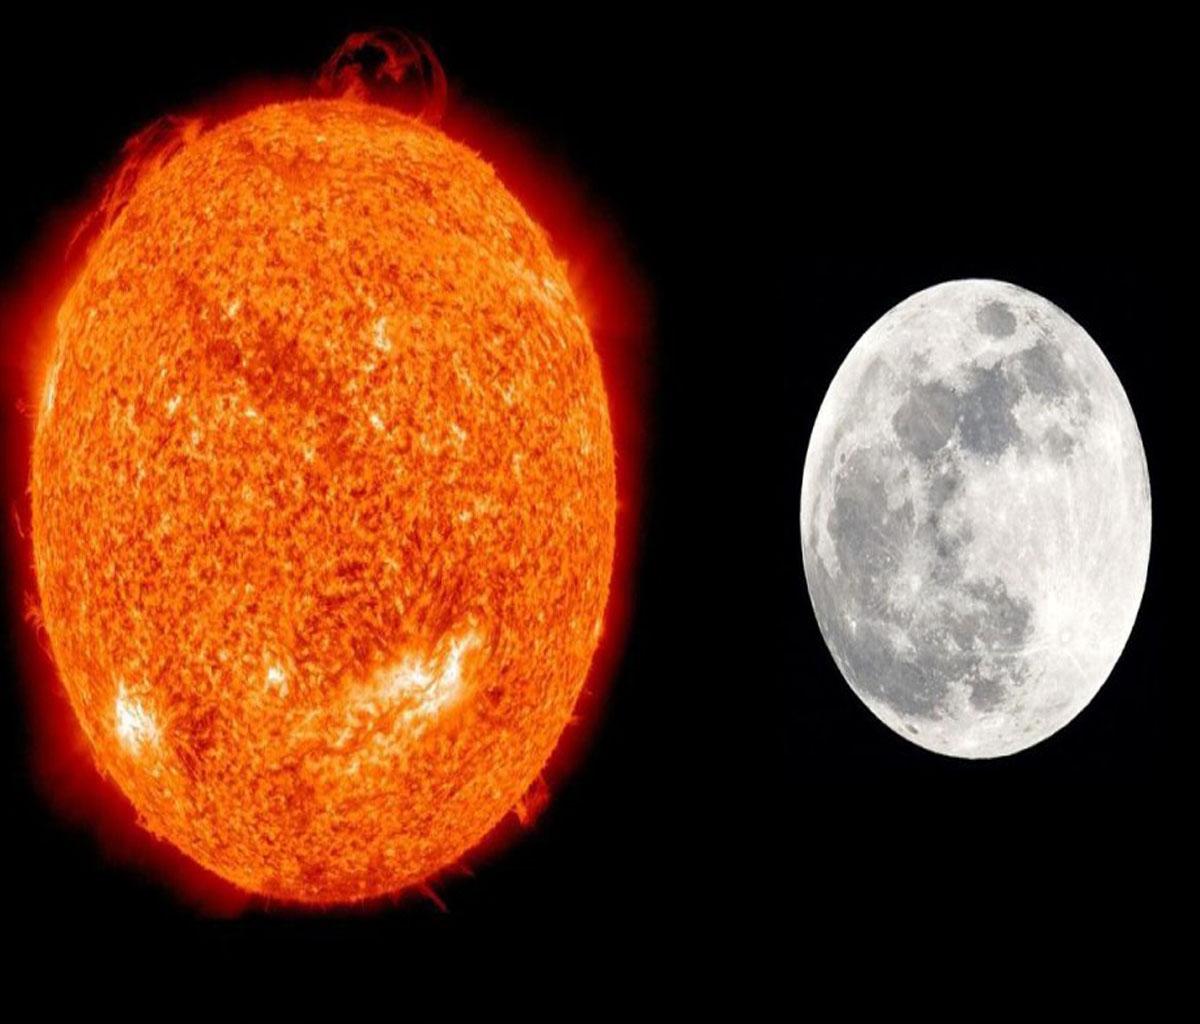 تفسير رؤية التقاء الشمس والقمر في المنام للمرأة المتزوجة